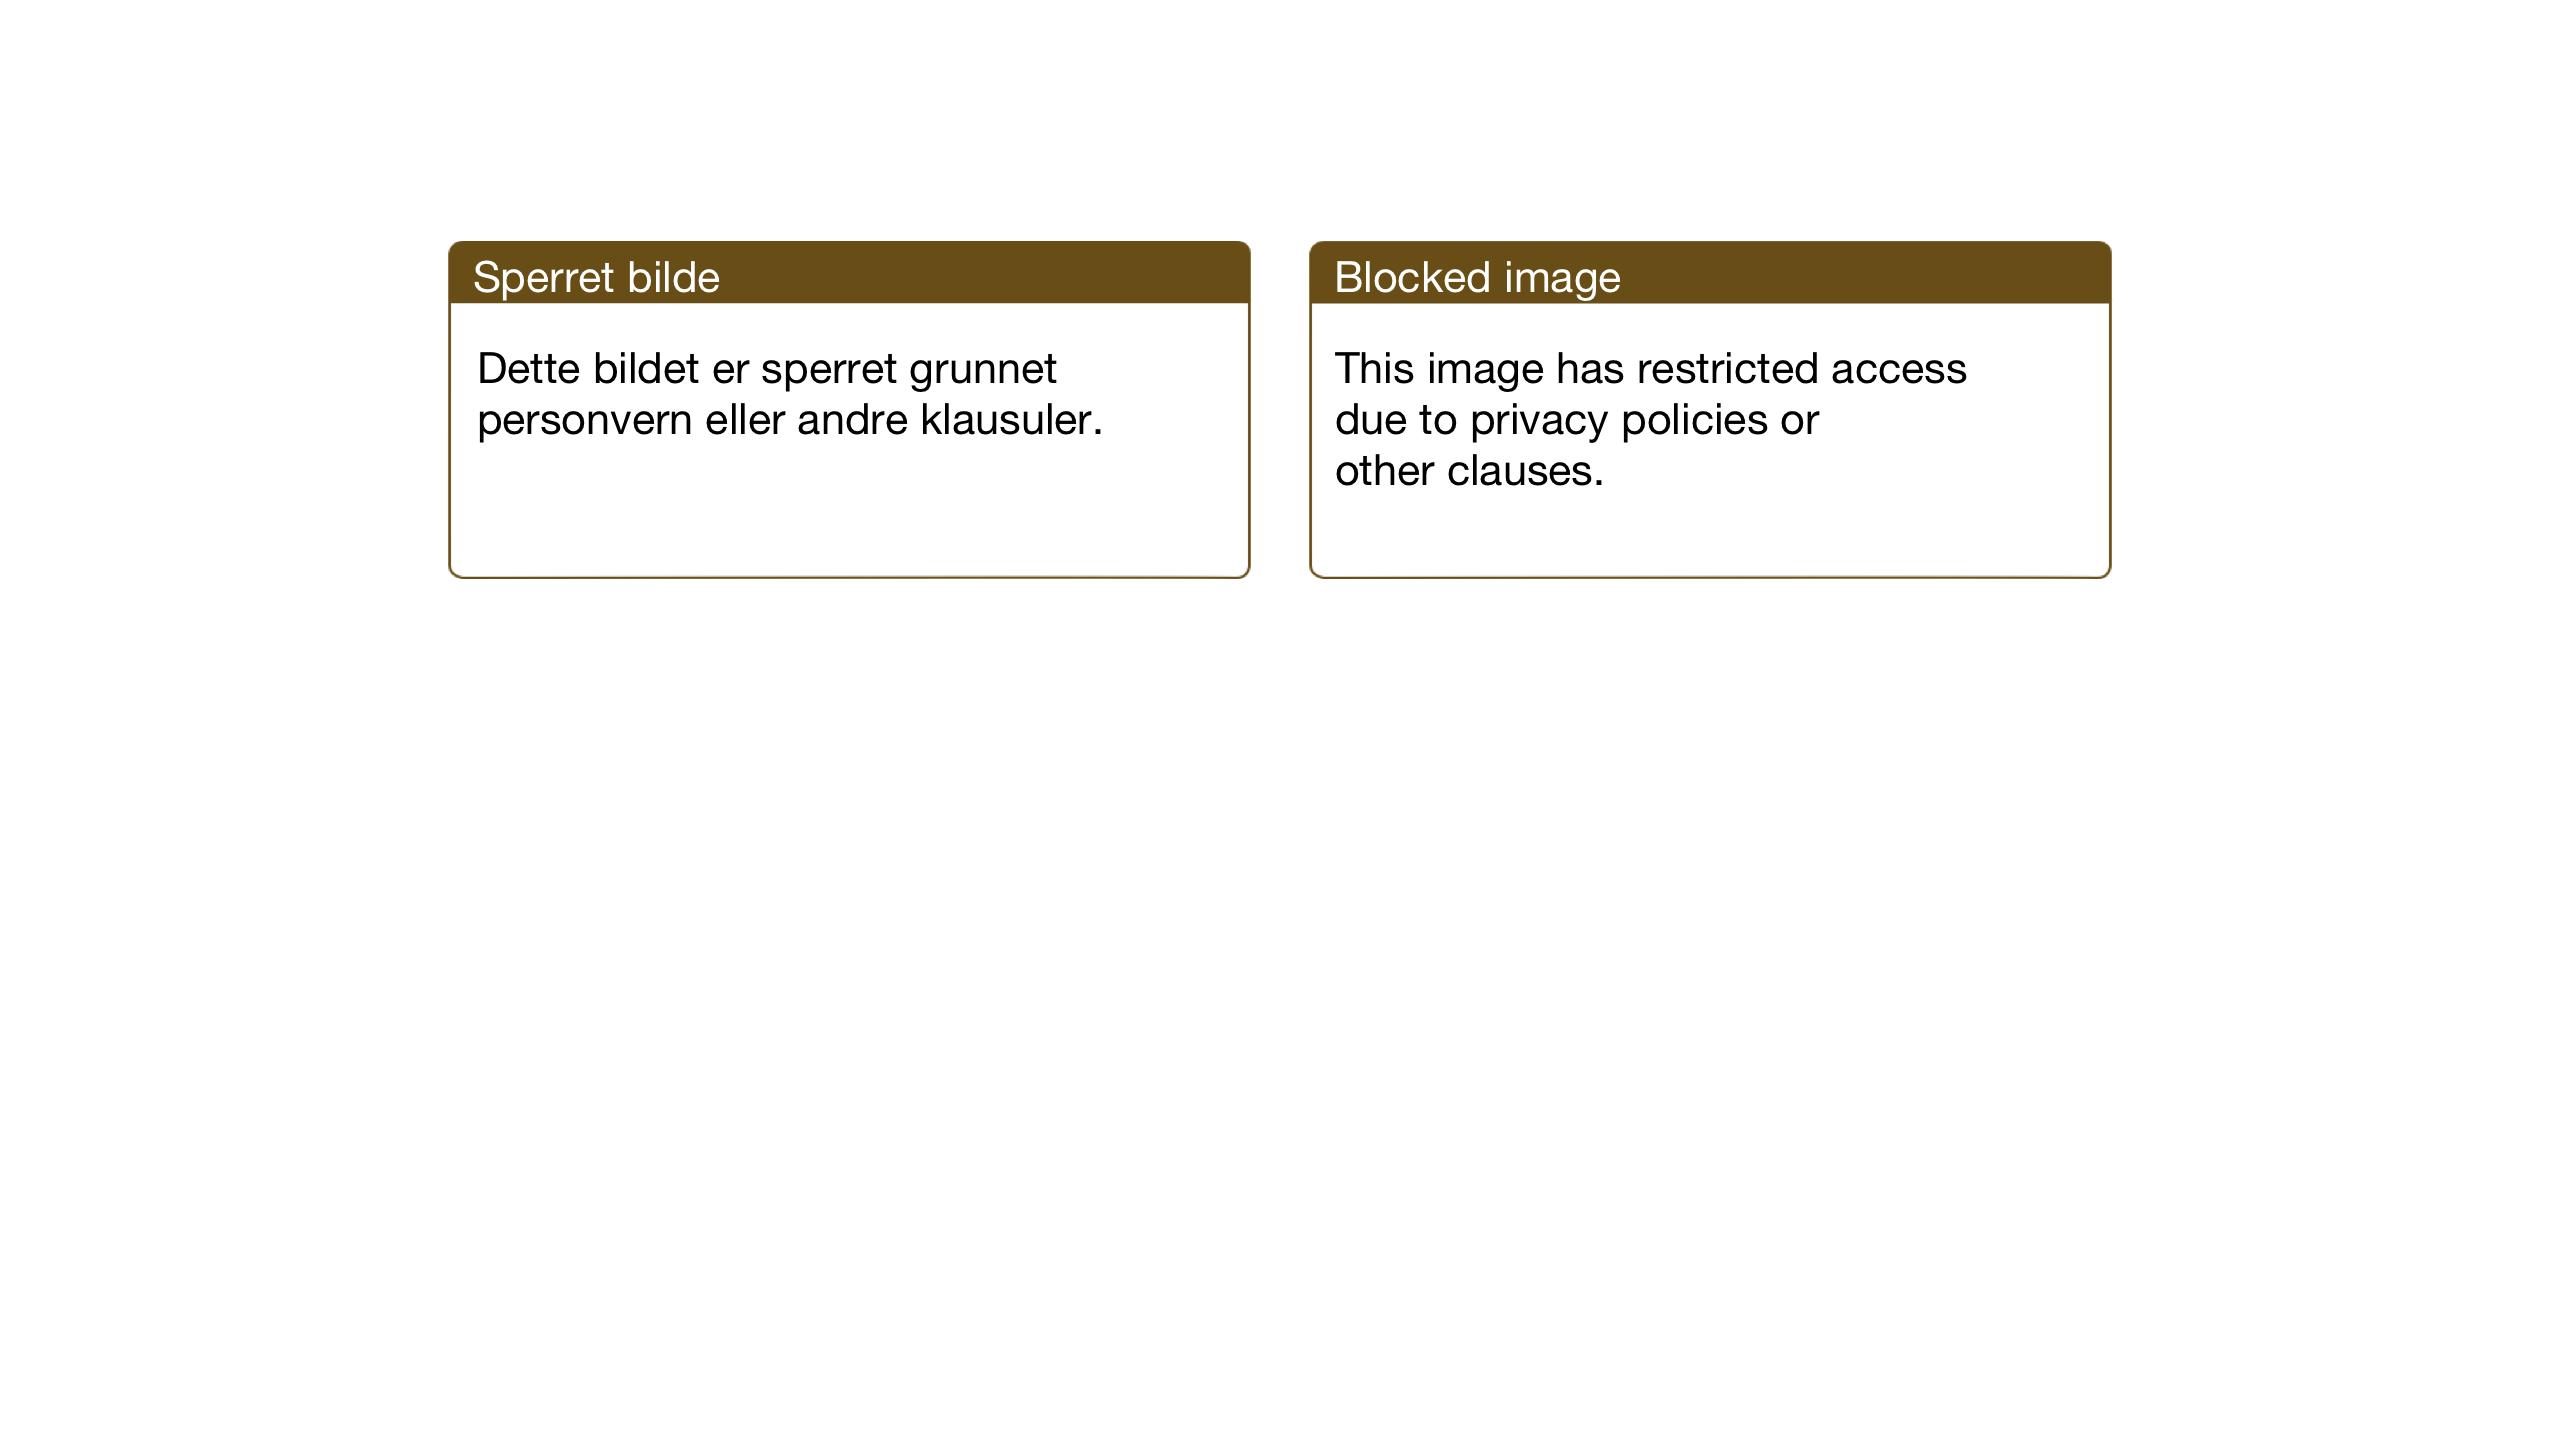 SAT, Ministerialprotokoller, klokkerbøker og fødselsregistre - Nord-Trøndelag, 755/L0500: Klokkerbok nr. 755C01, 1920-1962, s. 49